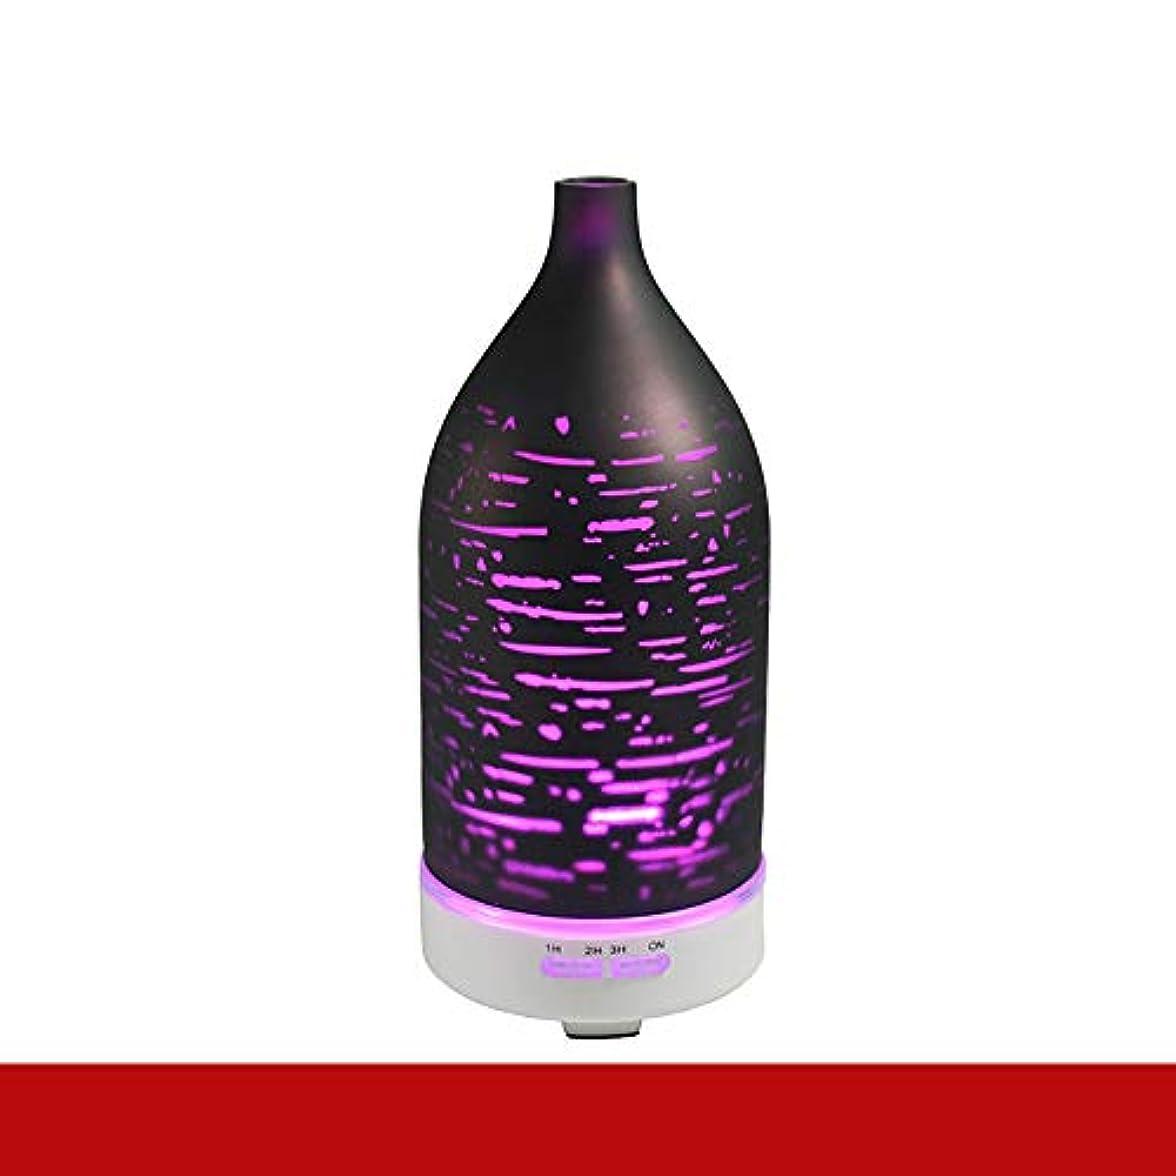 石化する宗教運動エッセンシャルオイルディフューザー電気超音波加湿器アロマセラピークールミスト加湿器空気清浄機7色 LED ライトホームベビールームベッドルームオフィス